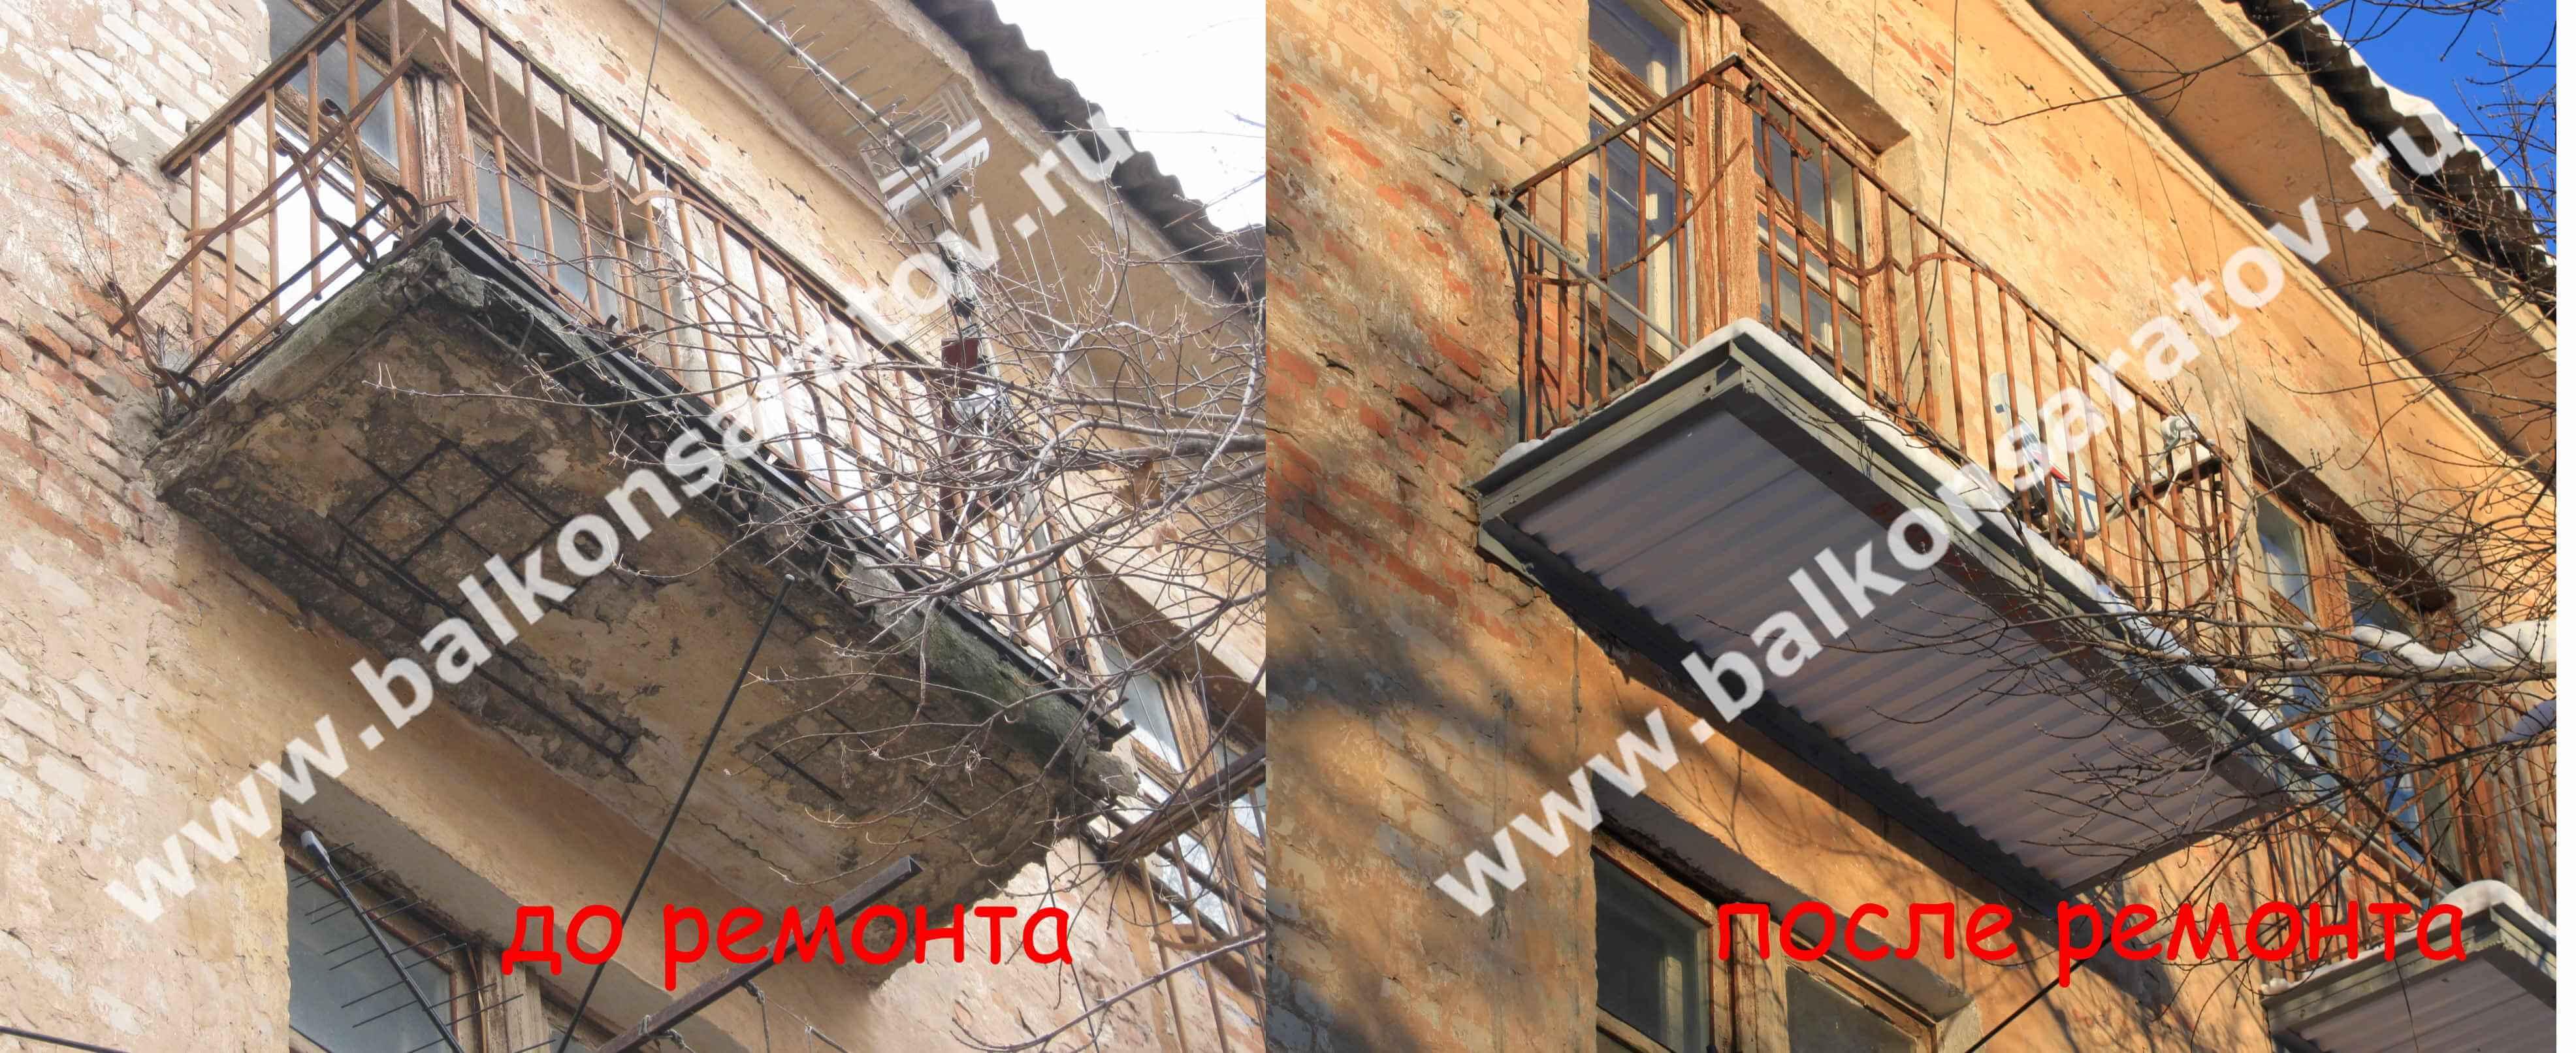 Образец заявления в управляющую компанию о ремонте балконной плиты